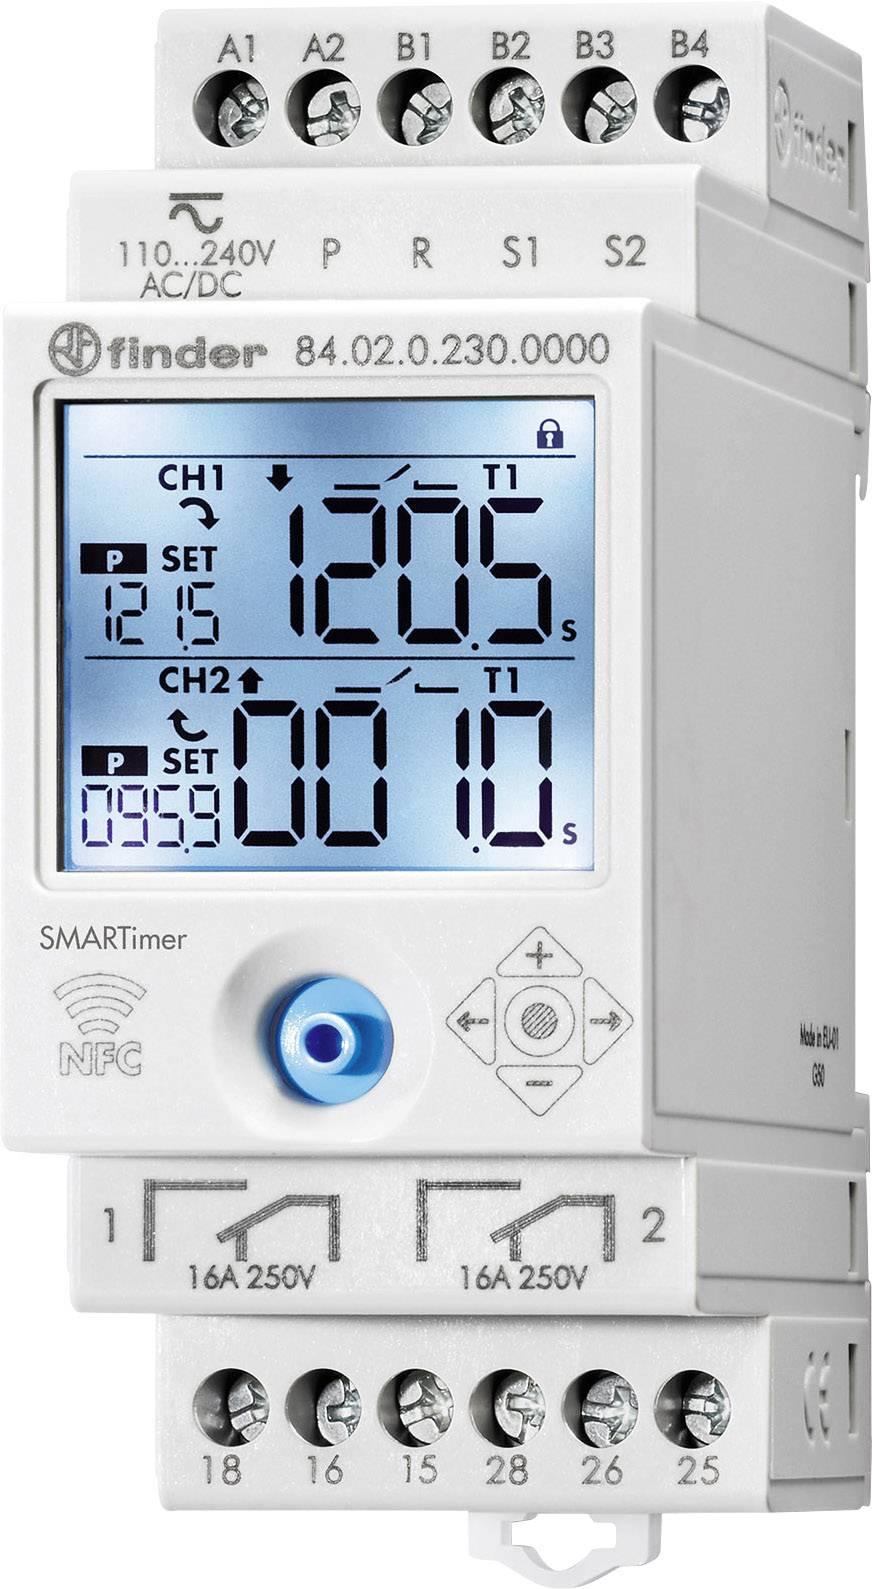 Multifunkční časové relé SMARTimer s NFC Finder 84.02.0.230.0000, 1 ks